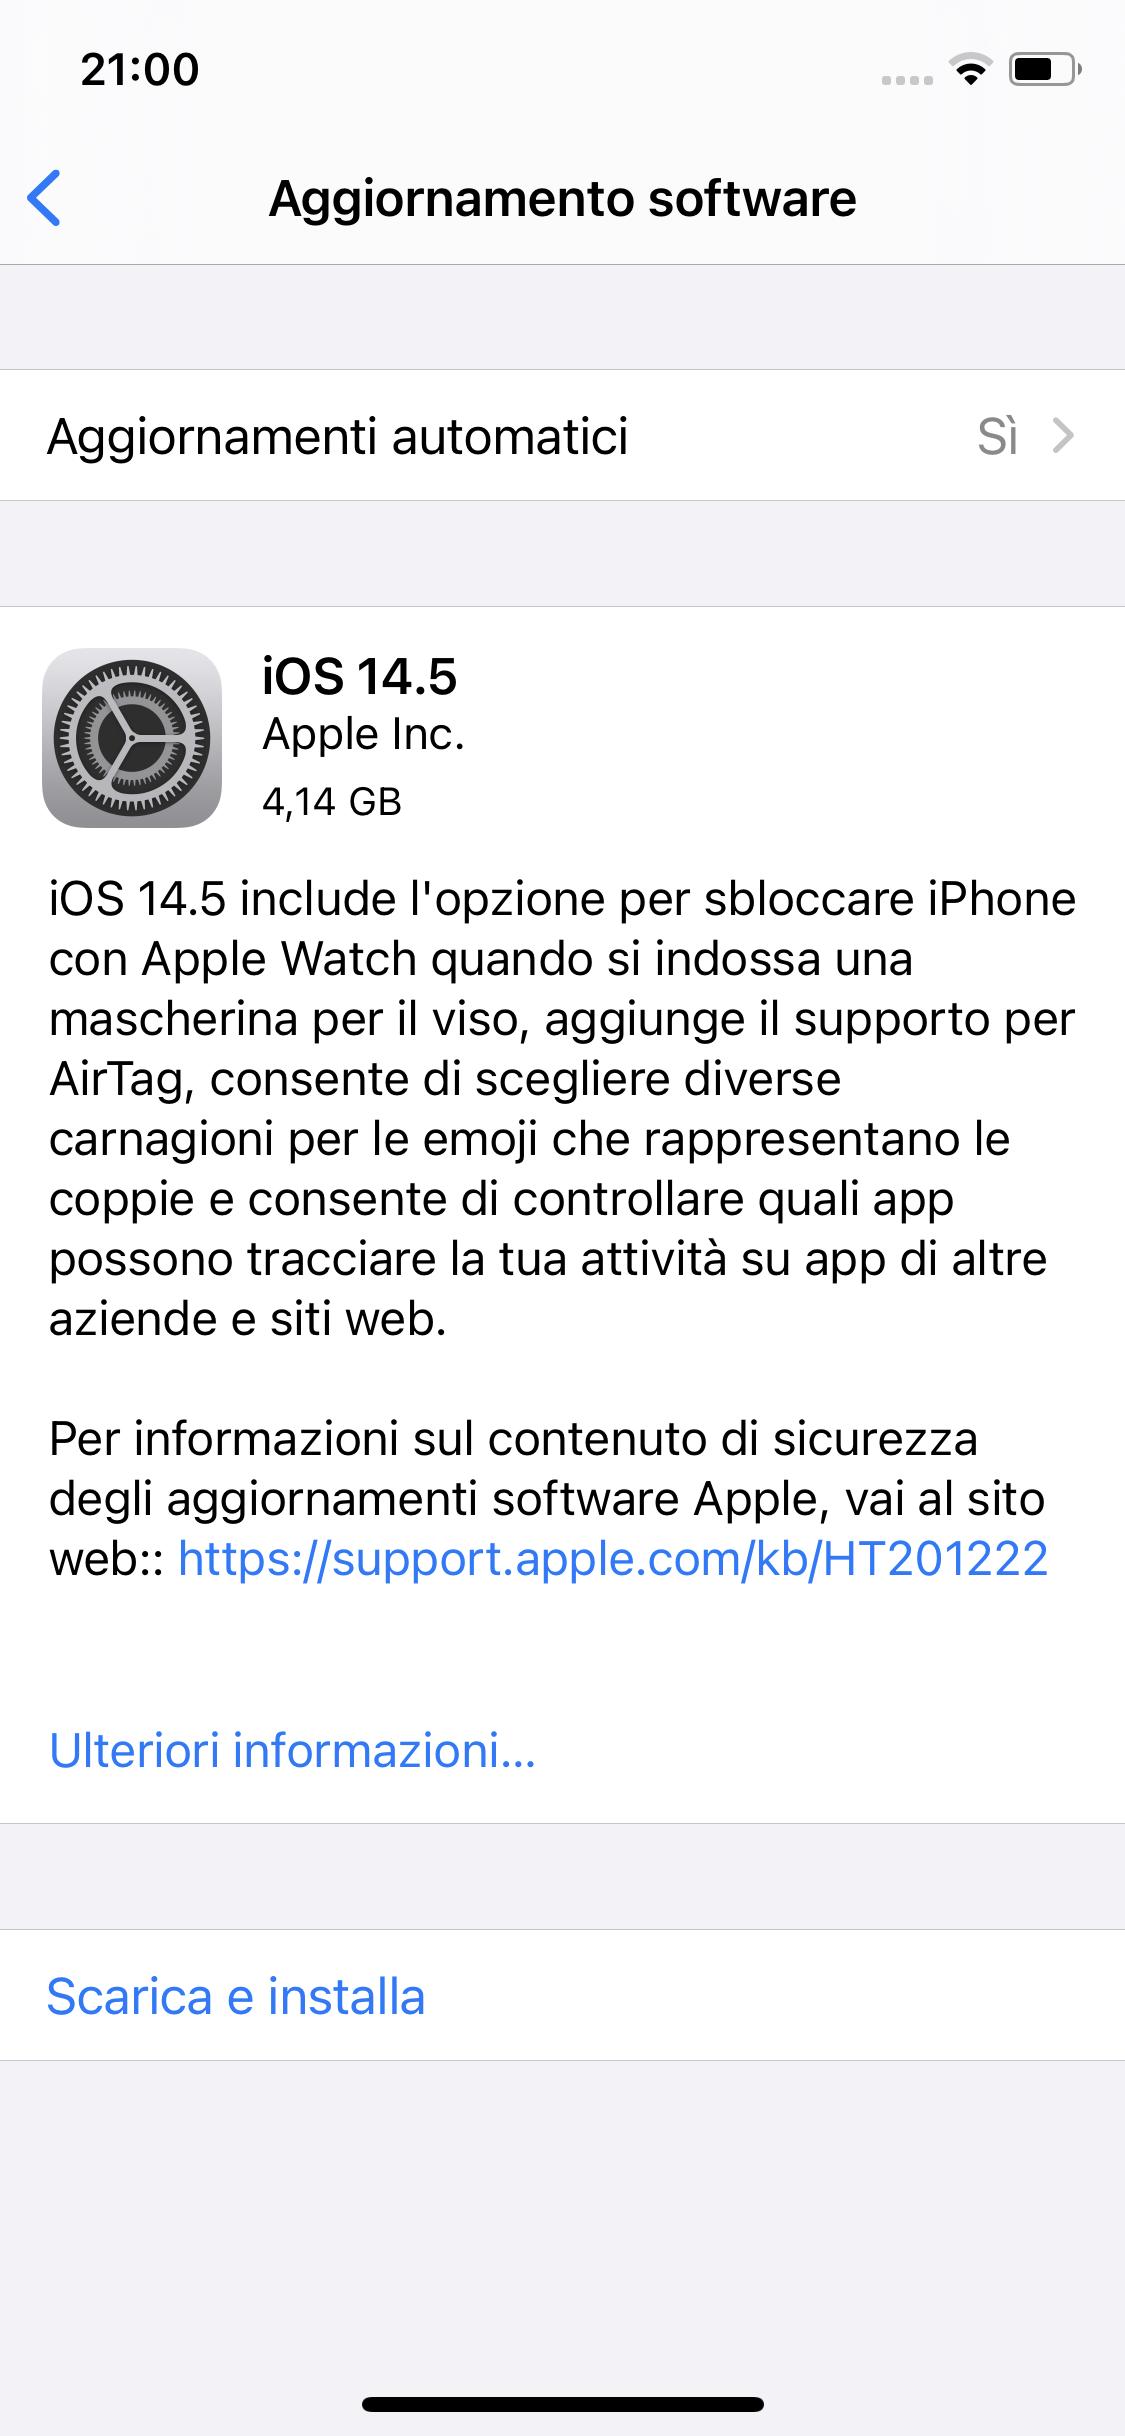 Apple pubblica la RC di iOS 14.5 e annuncia la data di rilascio di iOS 14.5, iPadOS, tvOS e watchOS 1